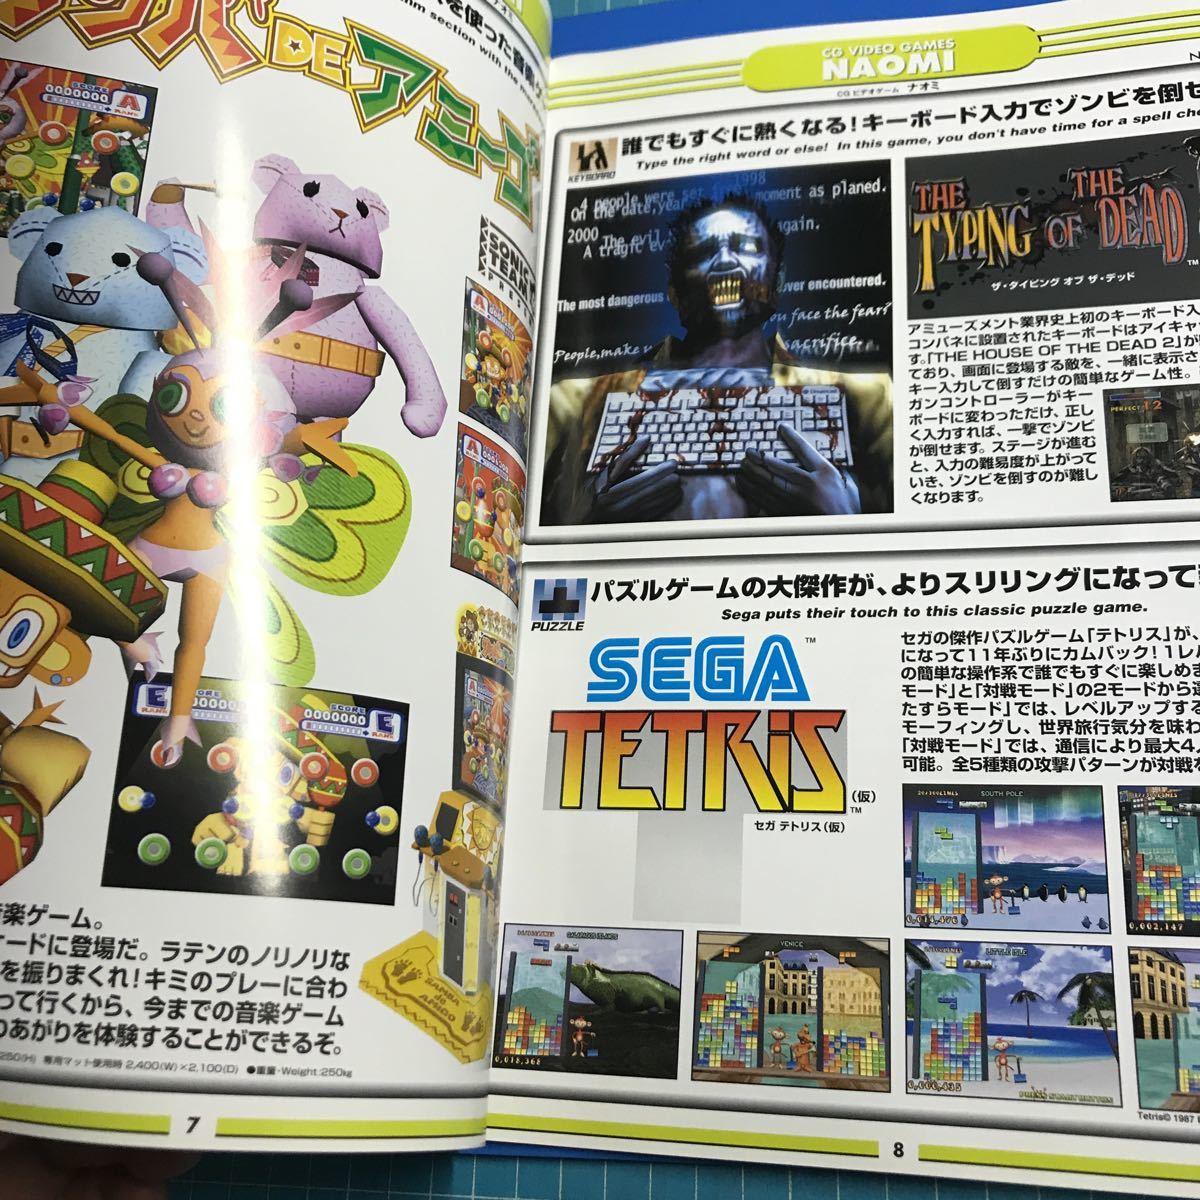 No.756 アーケードゲーム SEGA 1999年 アミューズメントマシン総合カタログ 全26ページ 業務用 非売品 カタログ セガ_画像4